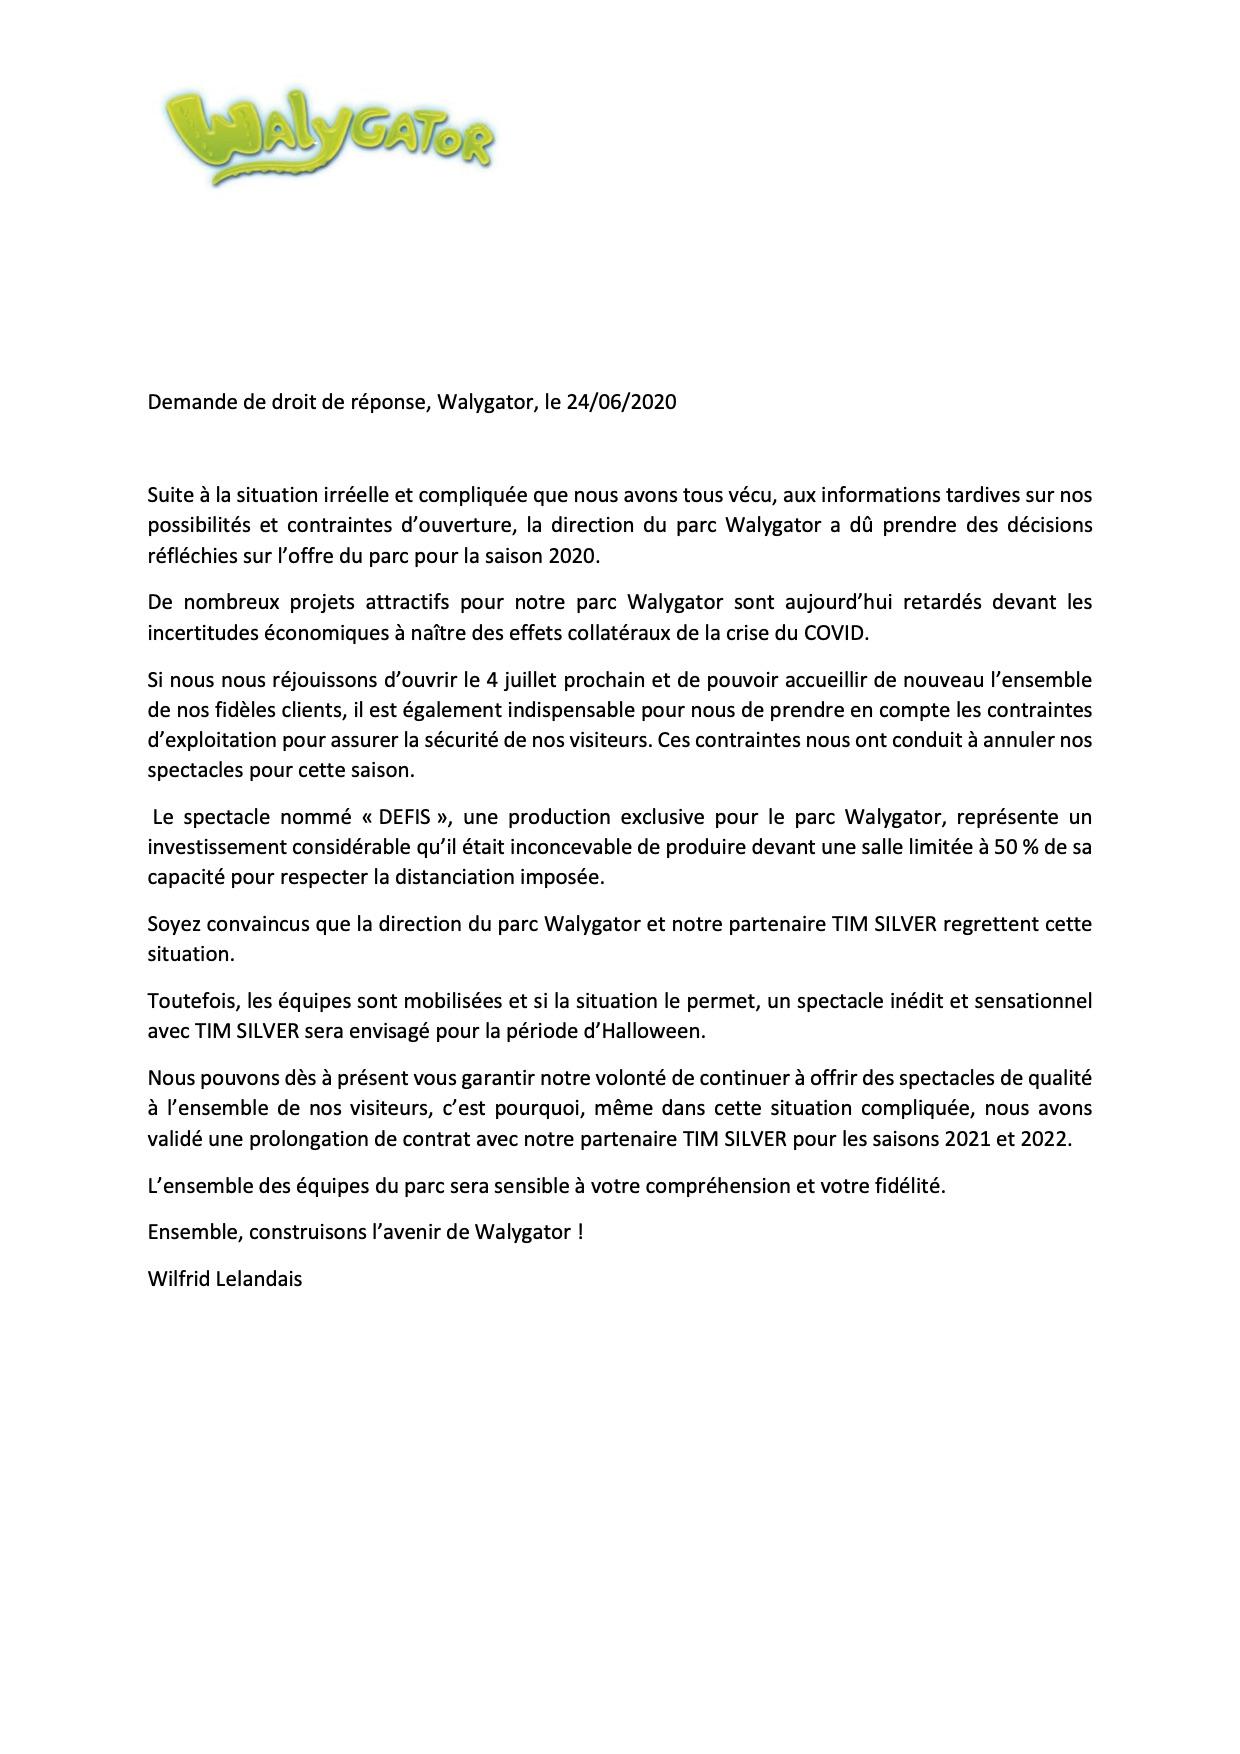 CPpourWalygazette-TimSilver003.jpg